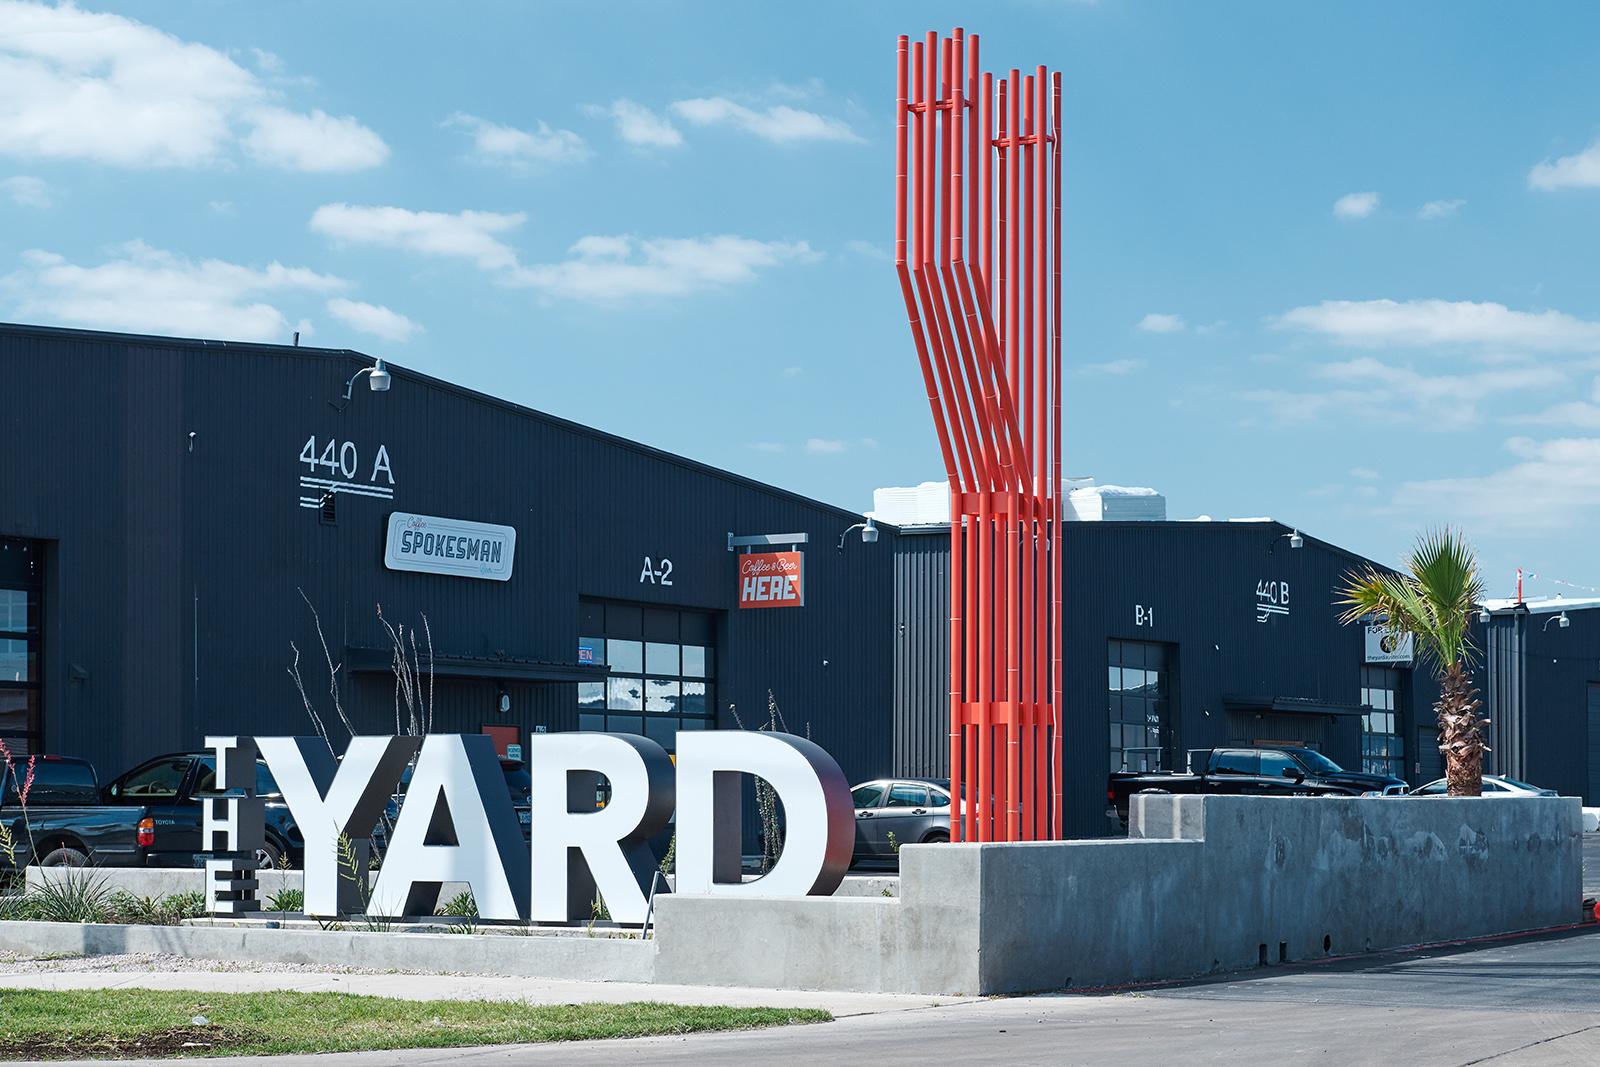 sb-yard-1.jpg